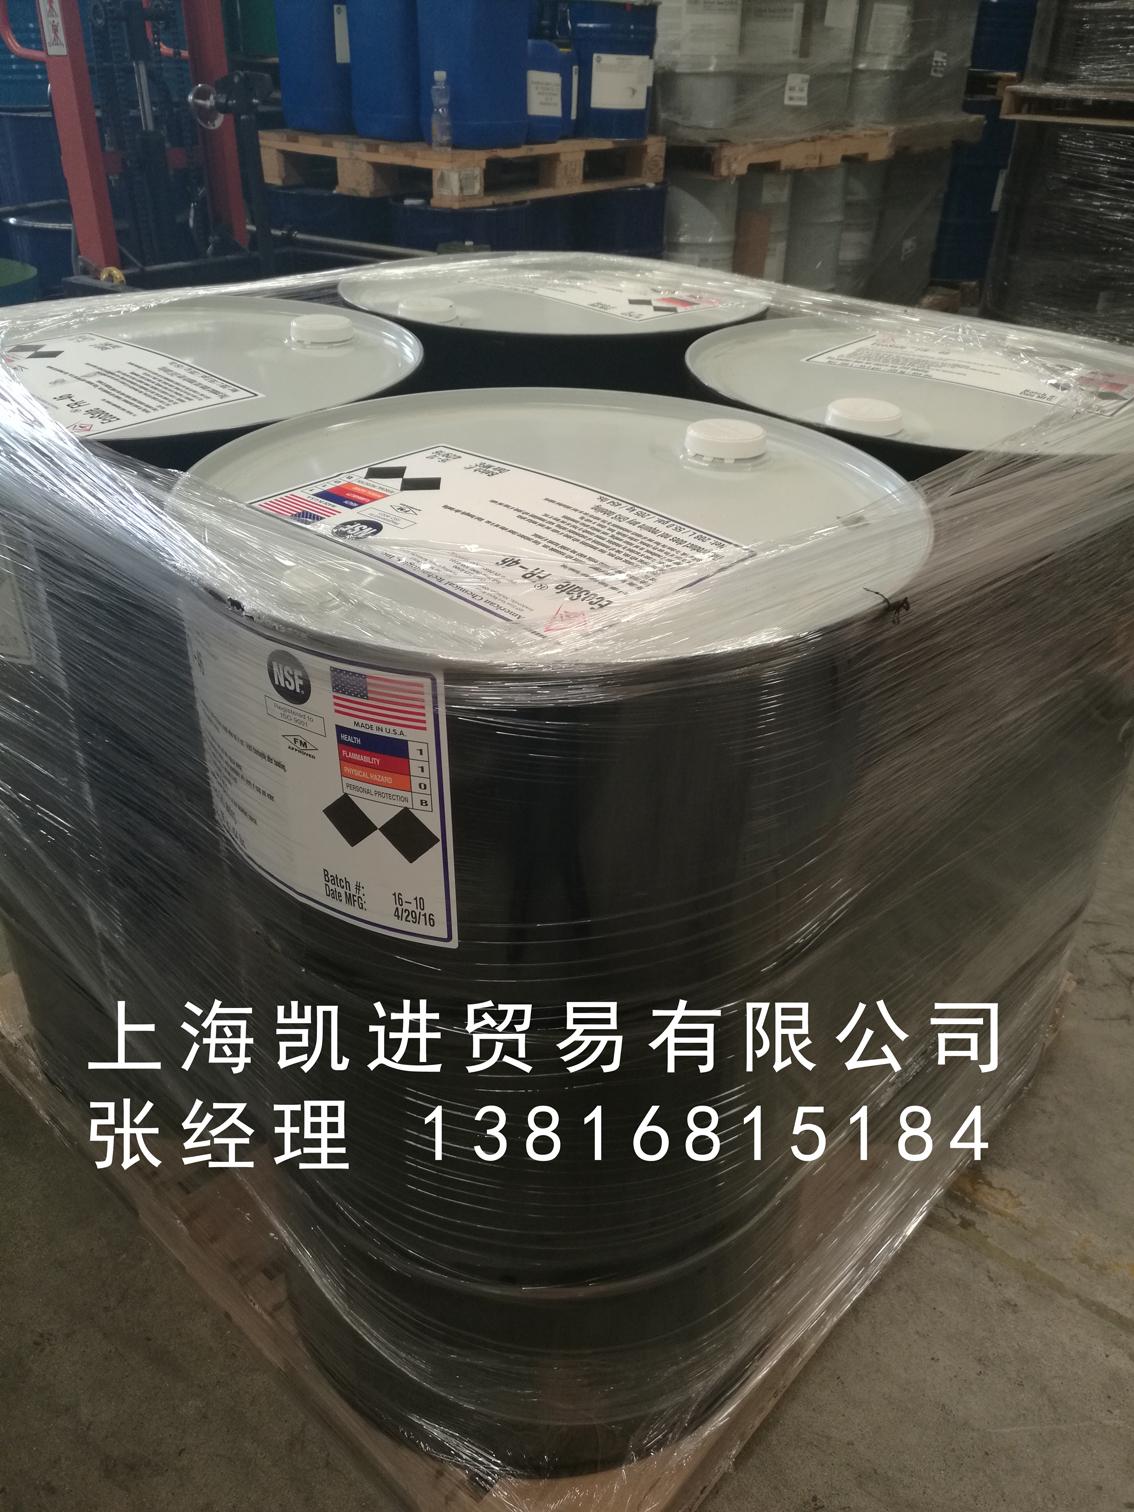 美国摩力达多少钱_美国化学Ecosafe EHC 46抗燃液压油_上海凯进贸易有限公司